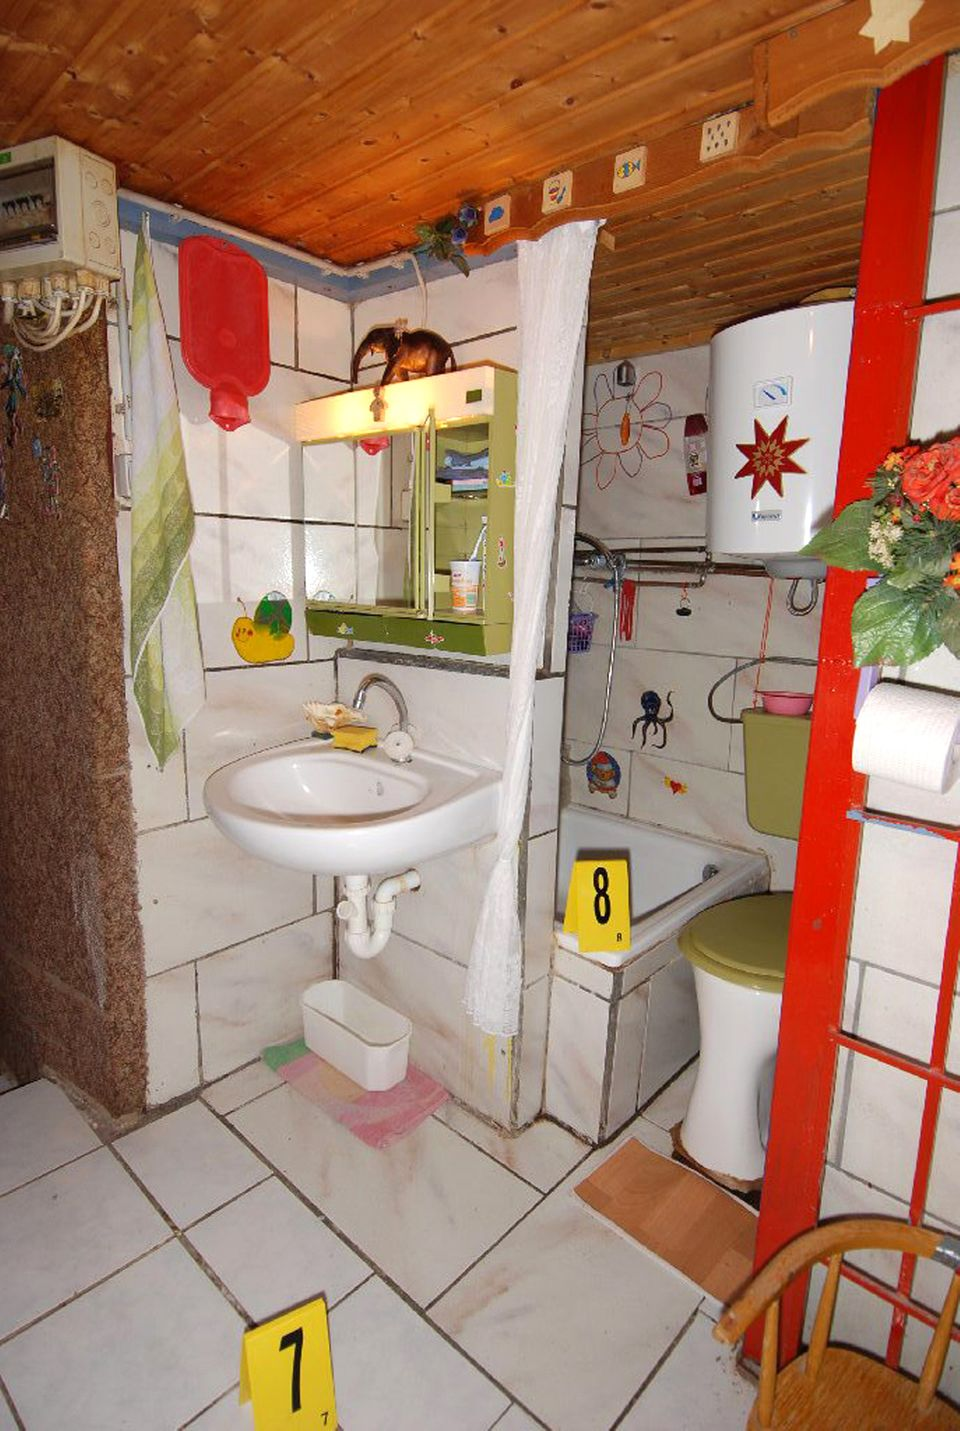 """Nasszelle: Waschbecken, Dusche mit Boiler, Toilette - alles hat der """"begnadete Bastler"""" selbst eingebaut"""